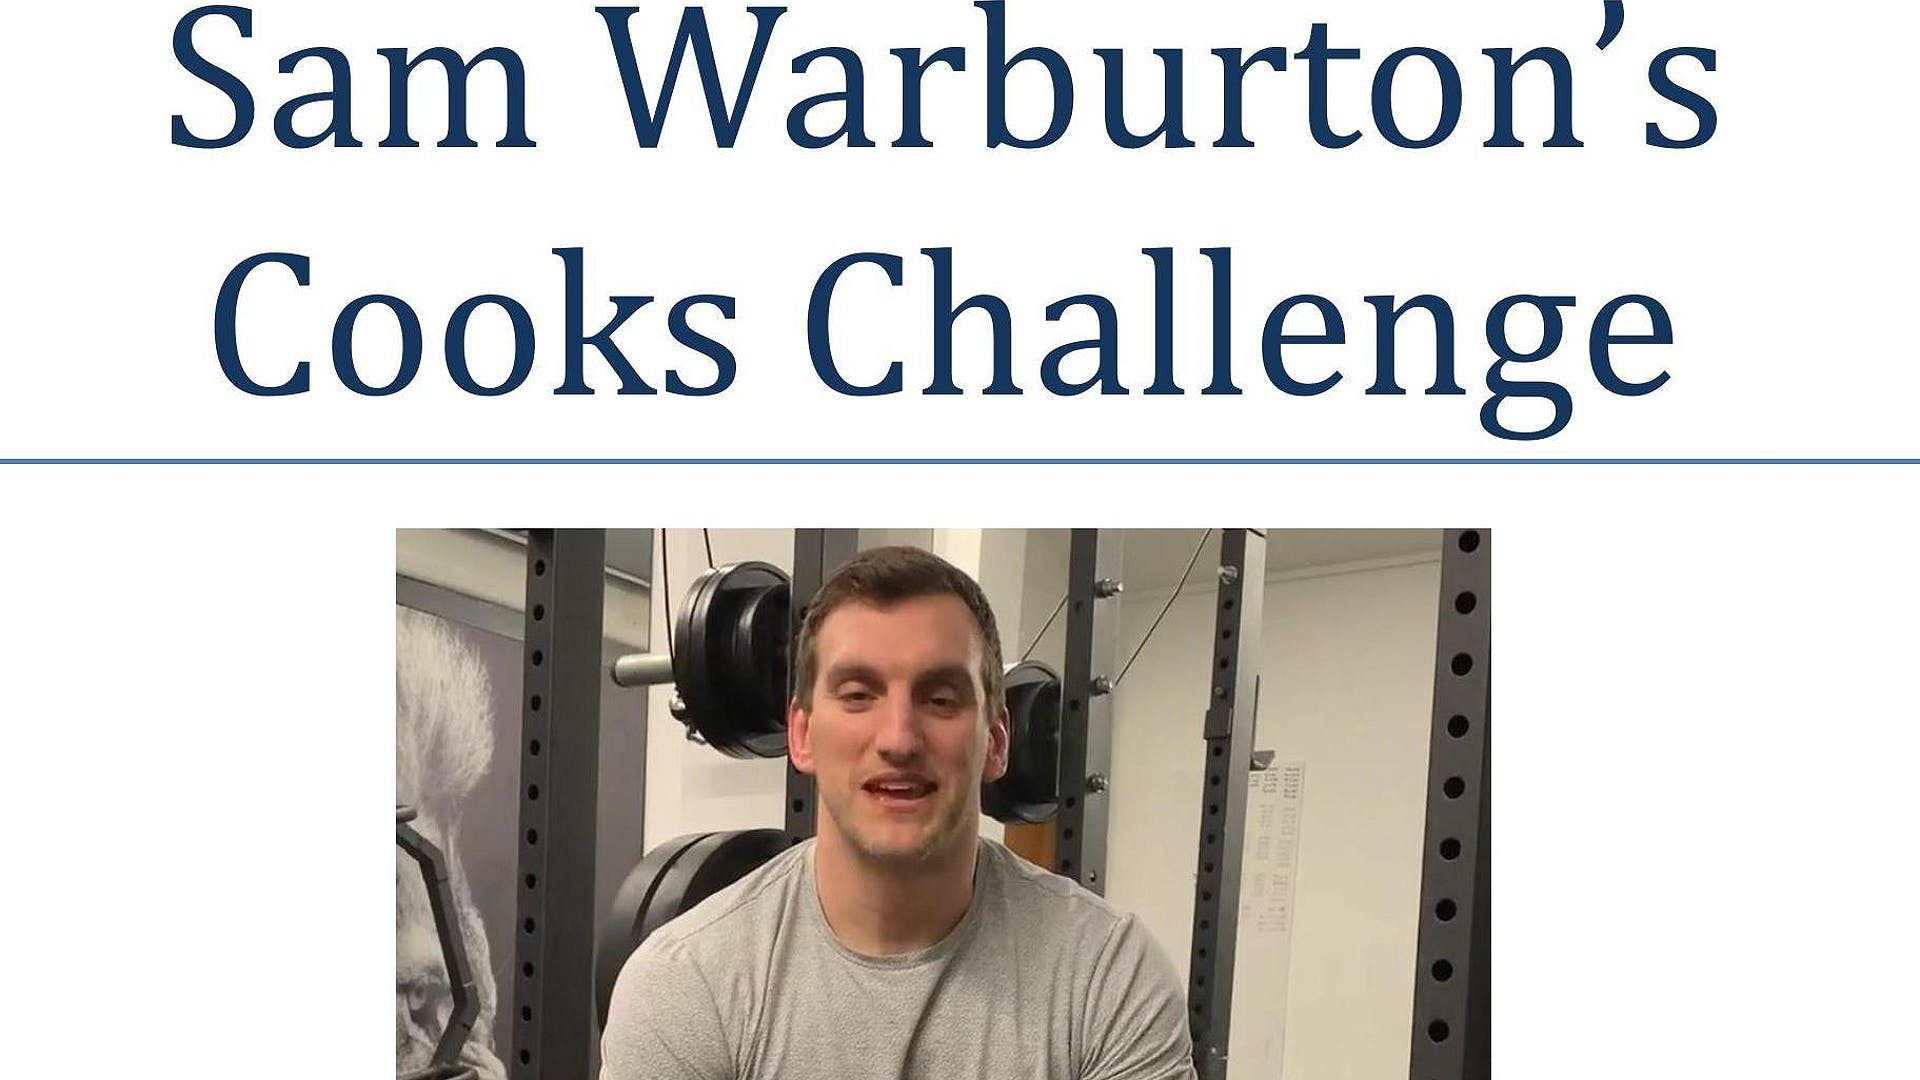 Sam Warburton Cooks Challenge MEN Us